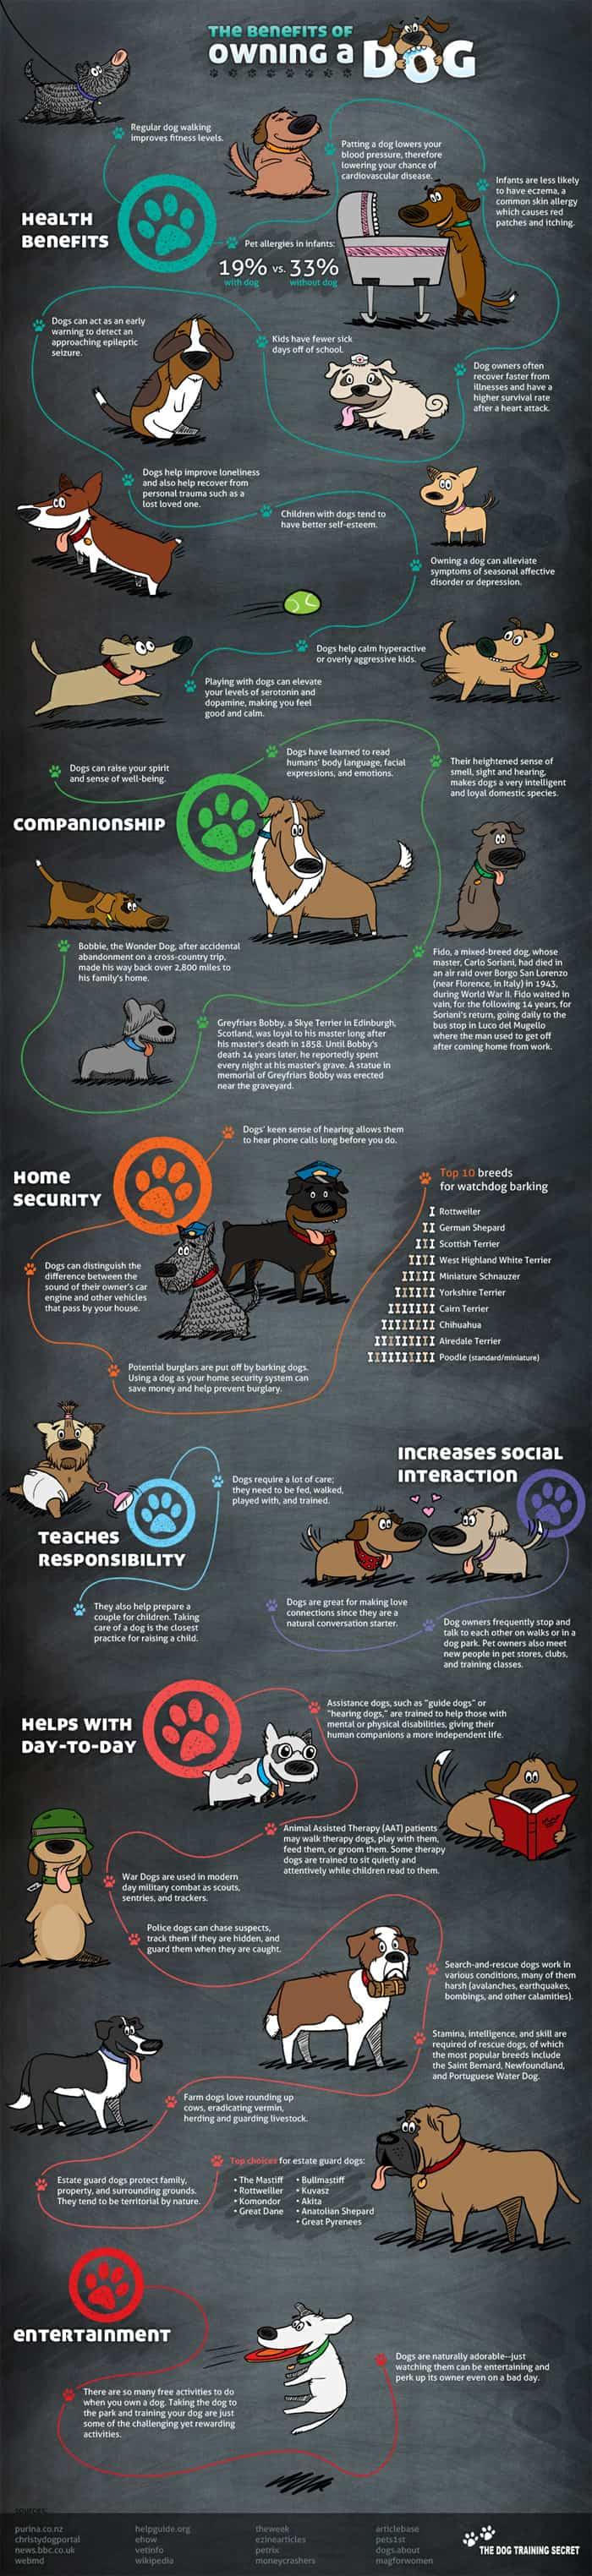 los beneficios de tener perro